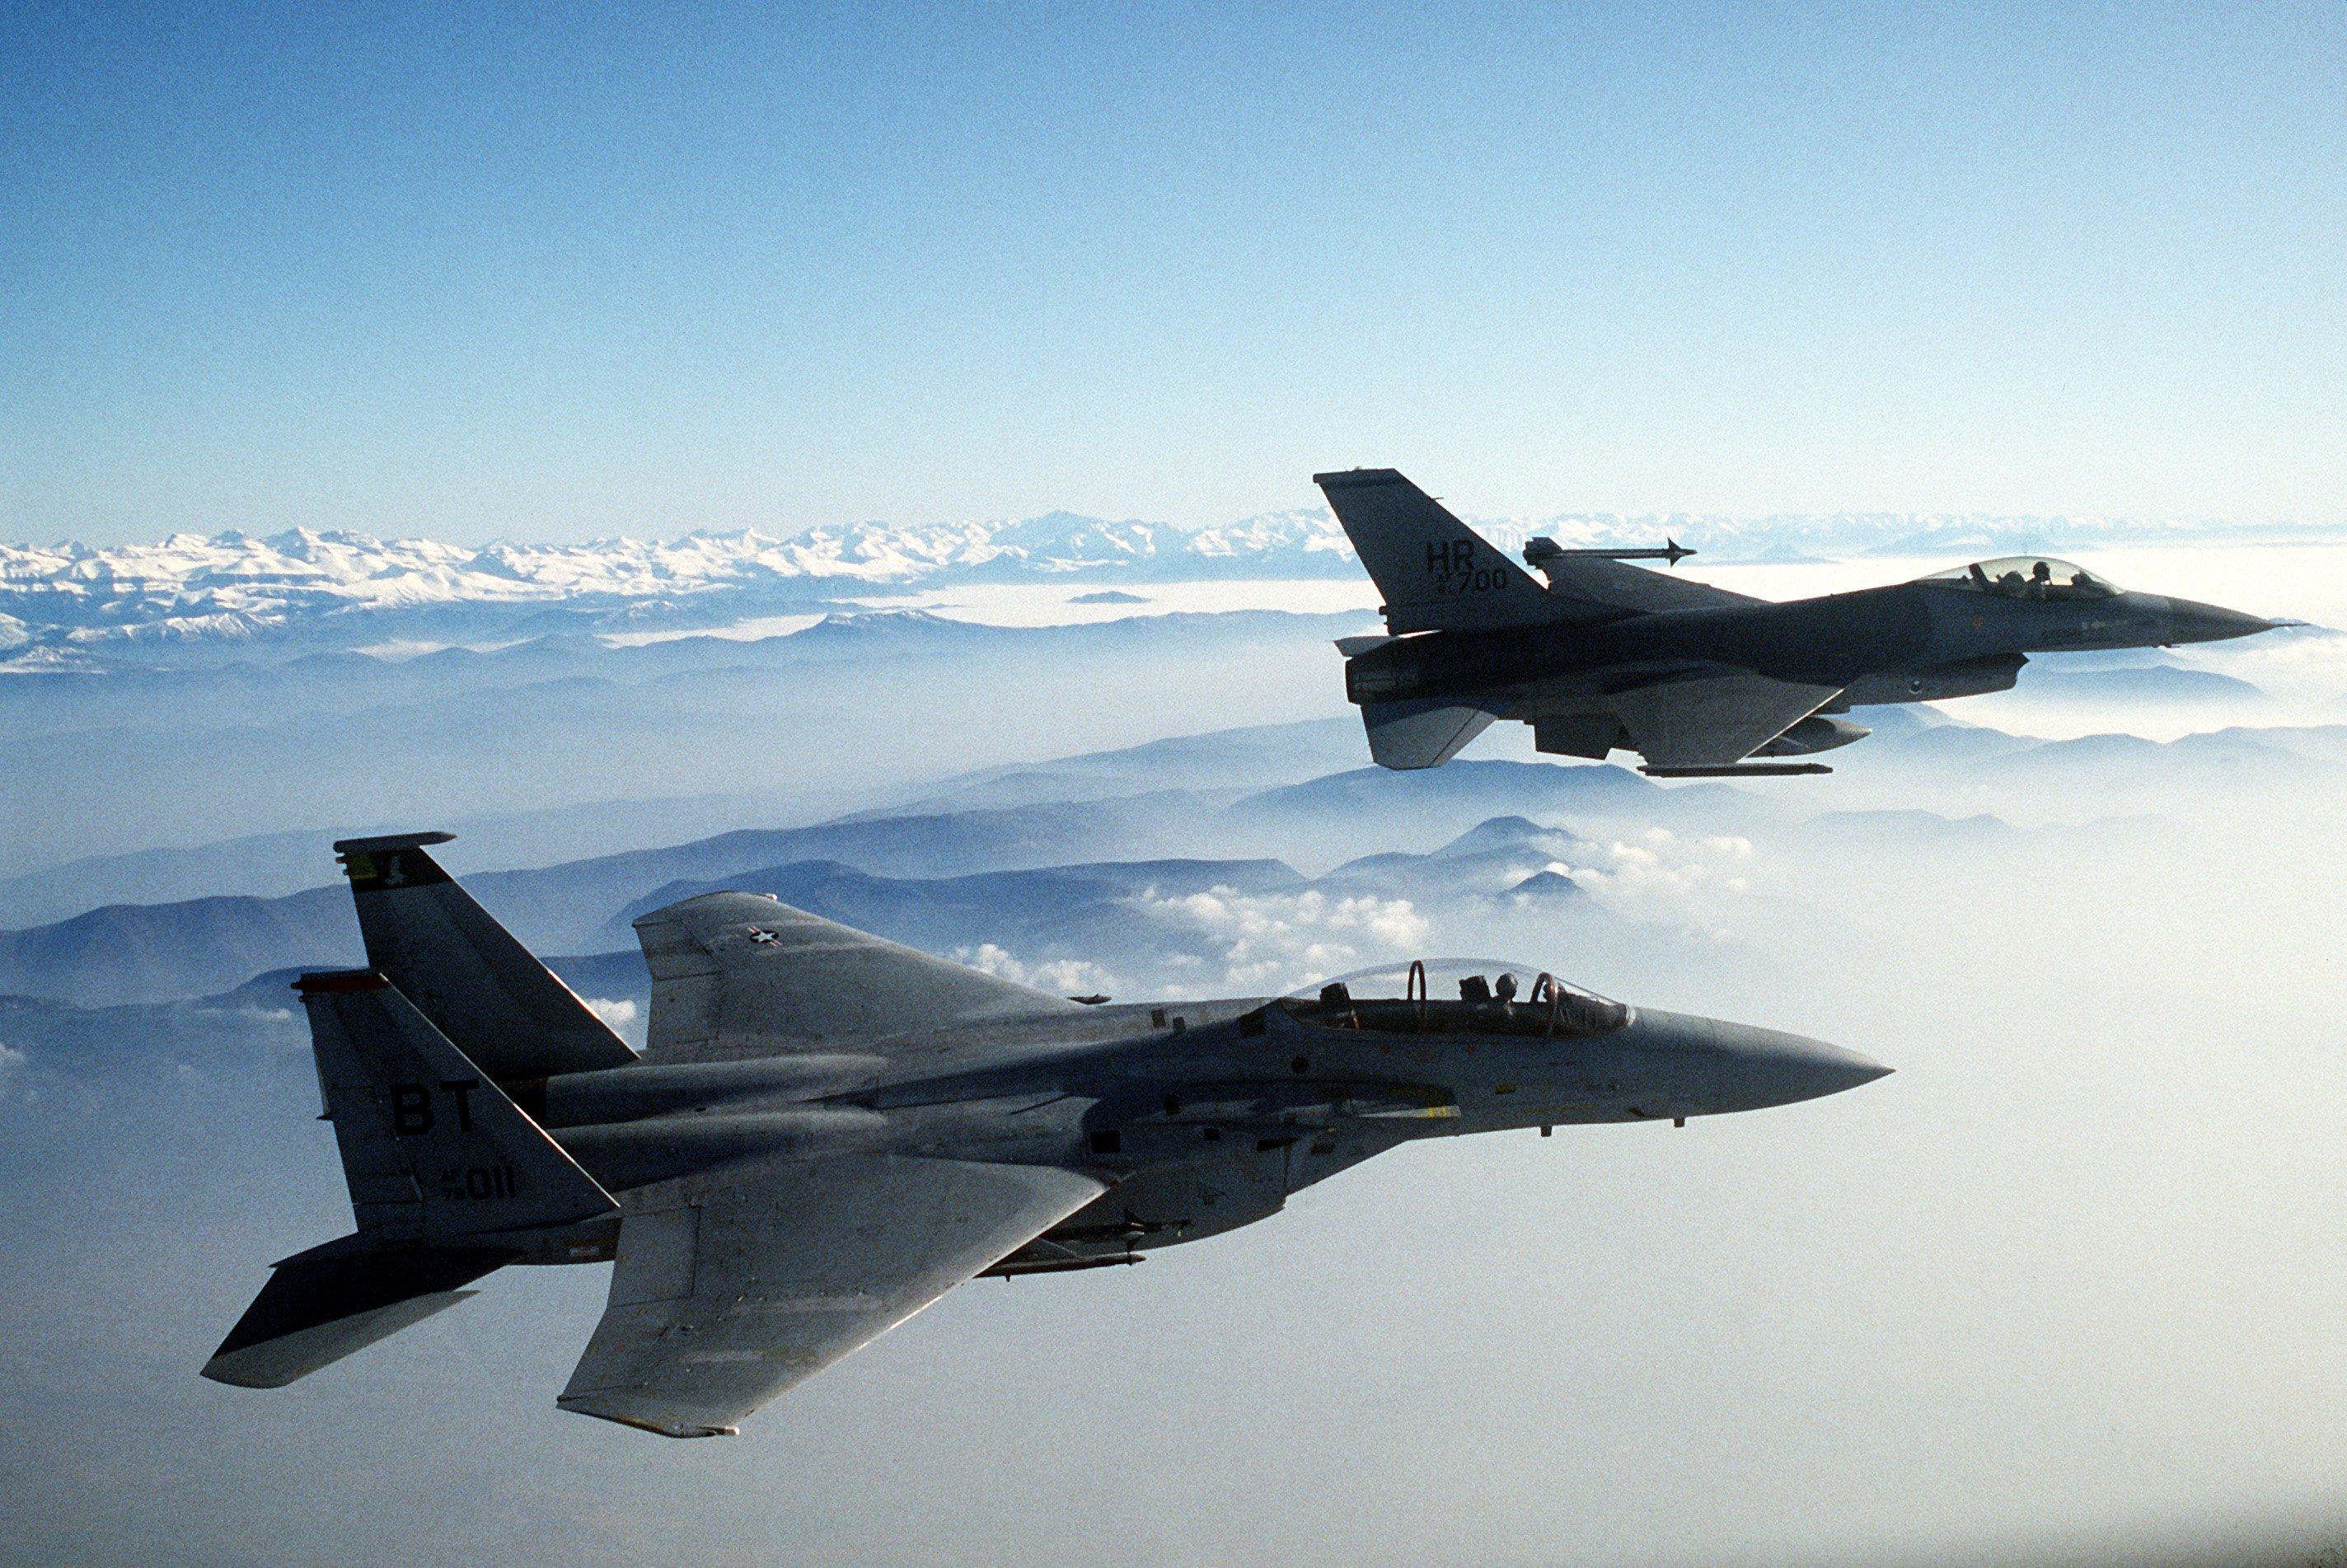 ВВС США испытают боевой лазер наистребителе F-15 Eagle